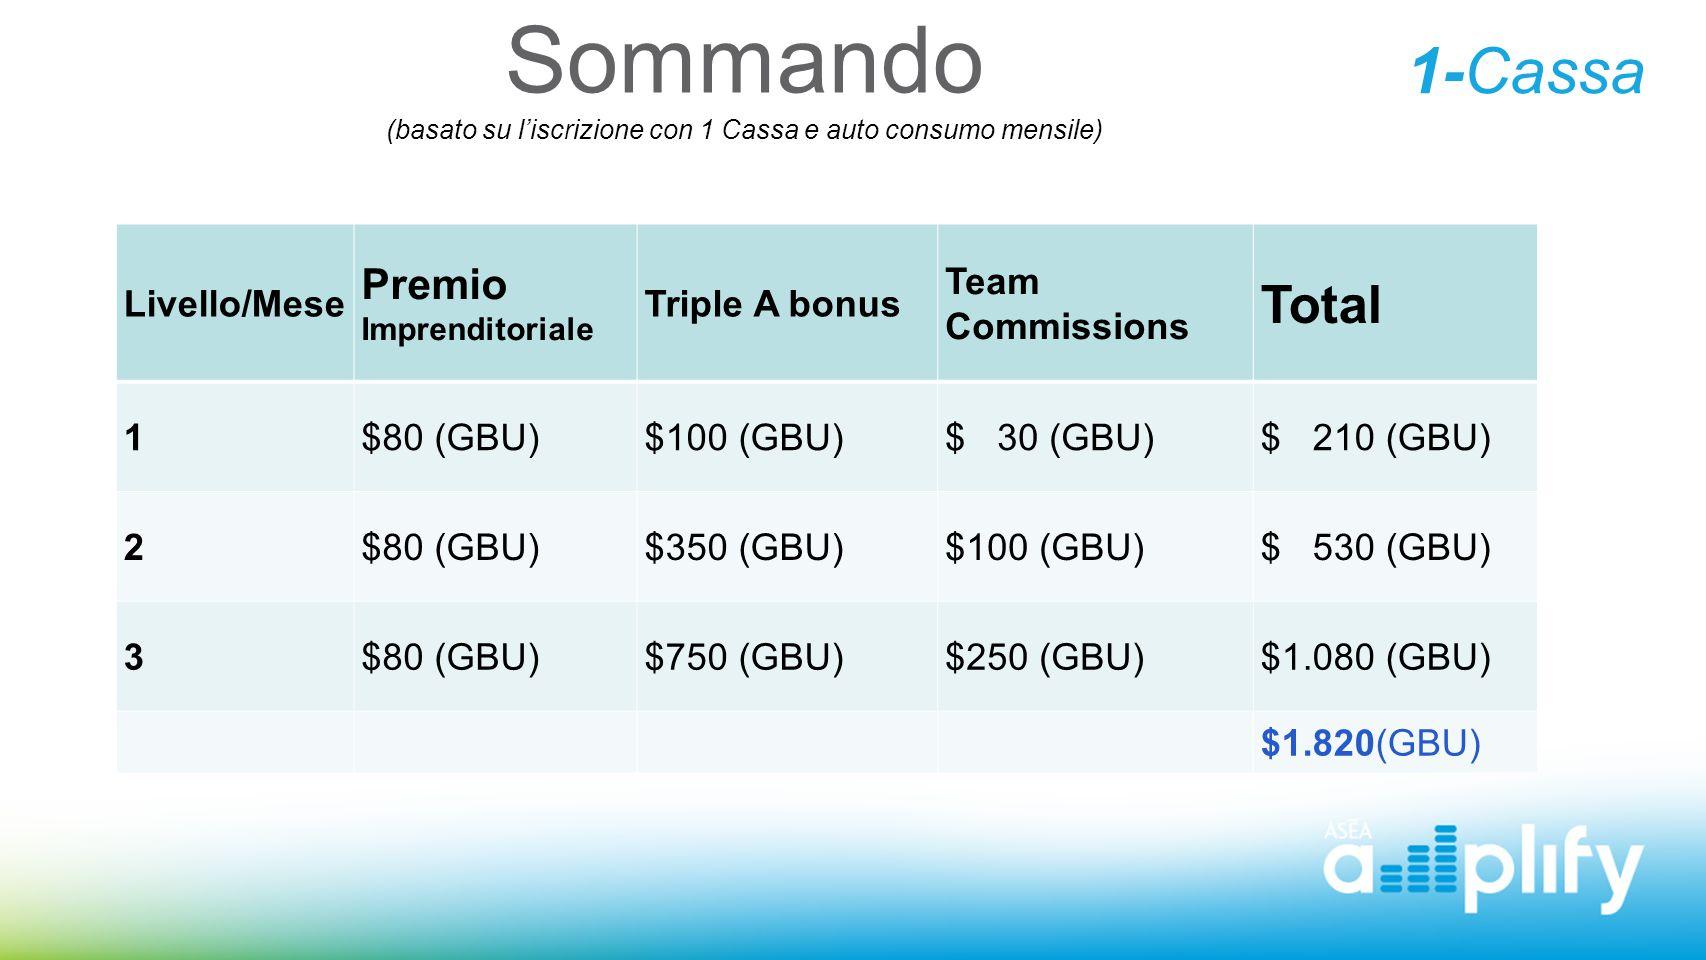 Sommando (basato su l'iscrizione con 1 Cassa e auto consumo mensile) Livello/Mese Premio Imprenditoriale Triple A bonus Team Commissions Total 1$80 (G